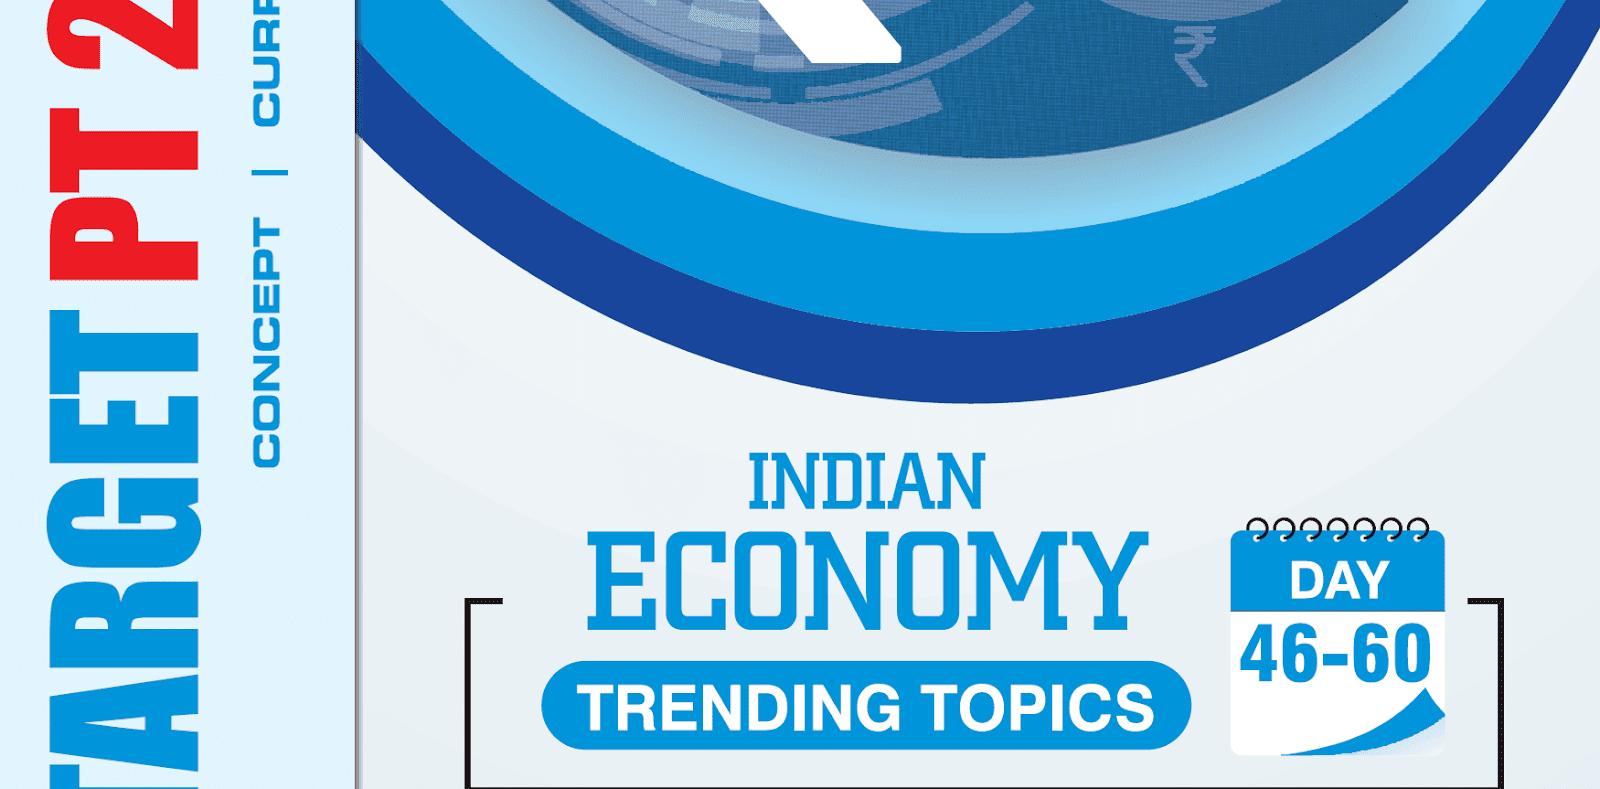 GS Score Economy Trending Topics UPSC IAS Target 2020